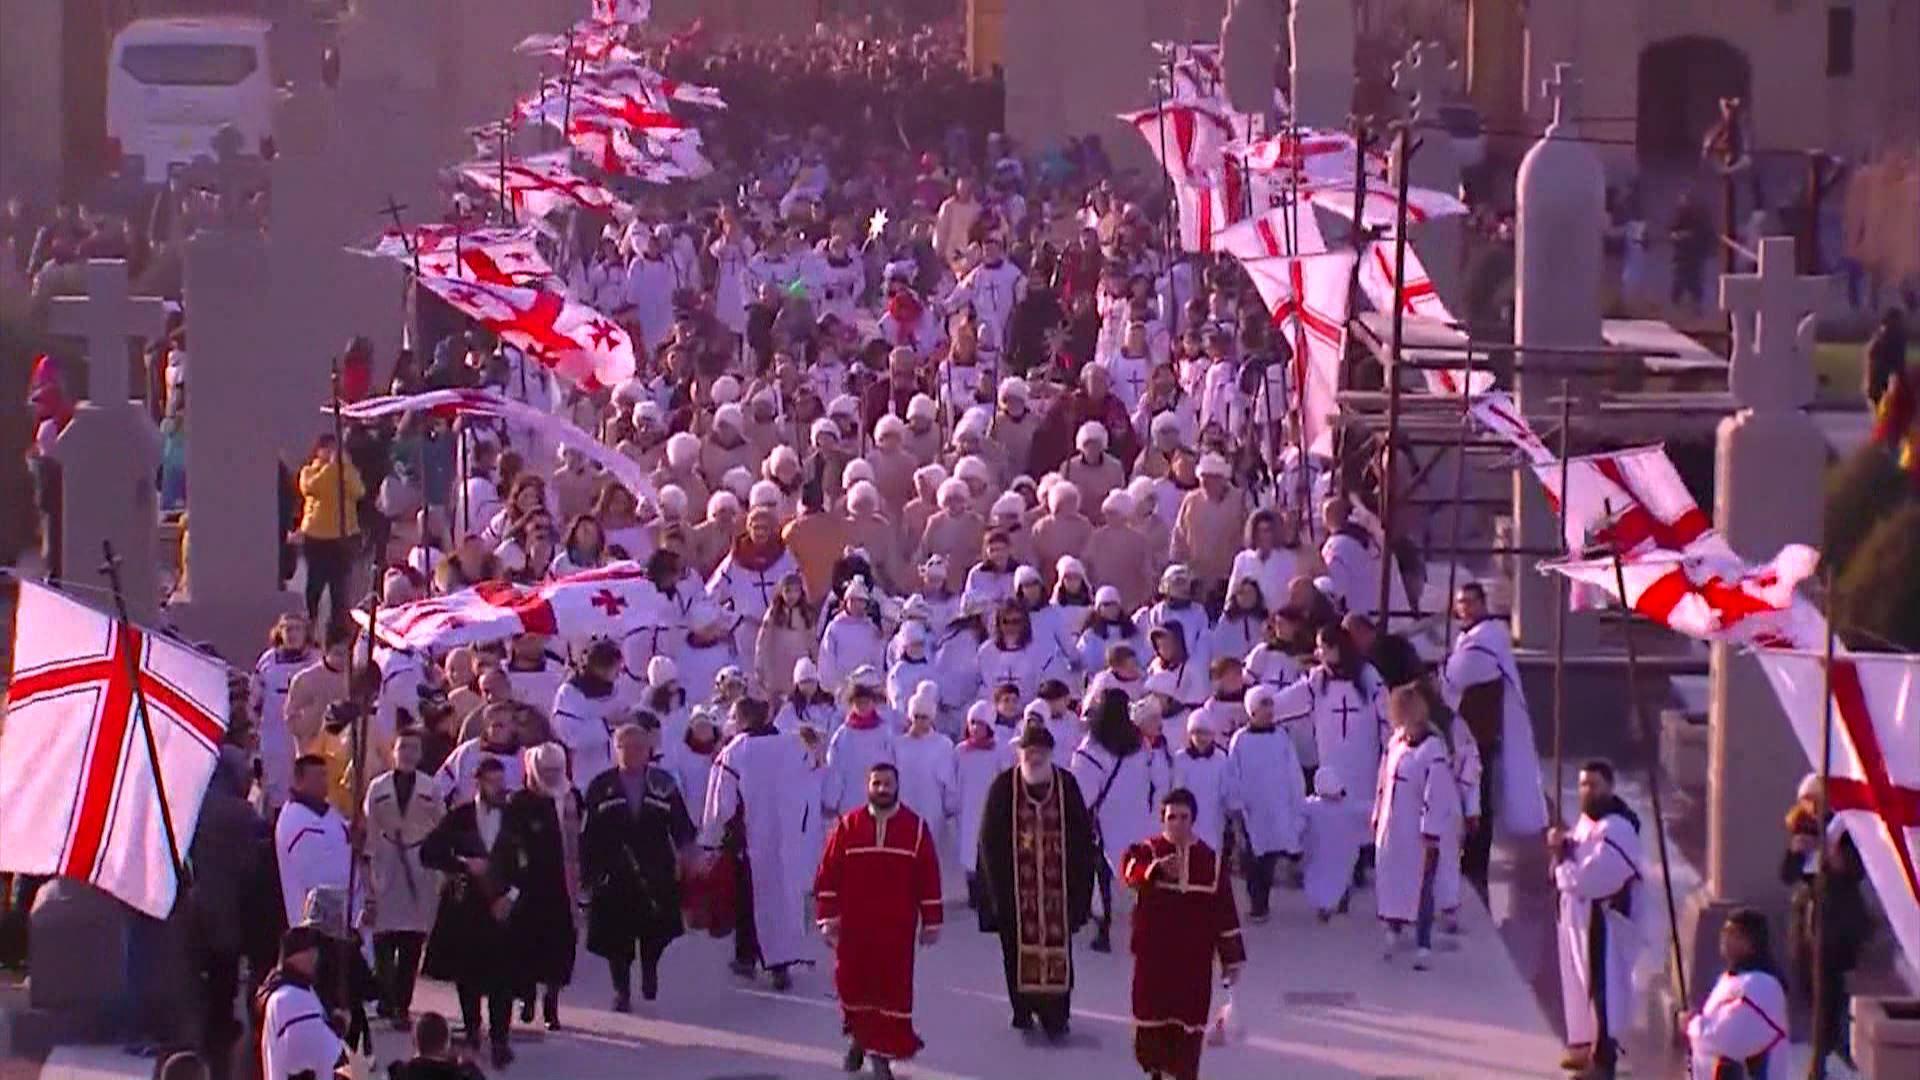 შობის დღესასწაულთან დაკავშირებით, ტრადიციული ალილო მოეწყობა დედაქალაქში